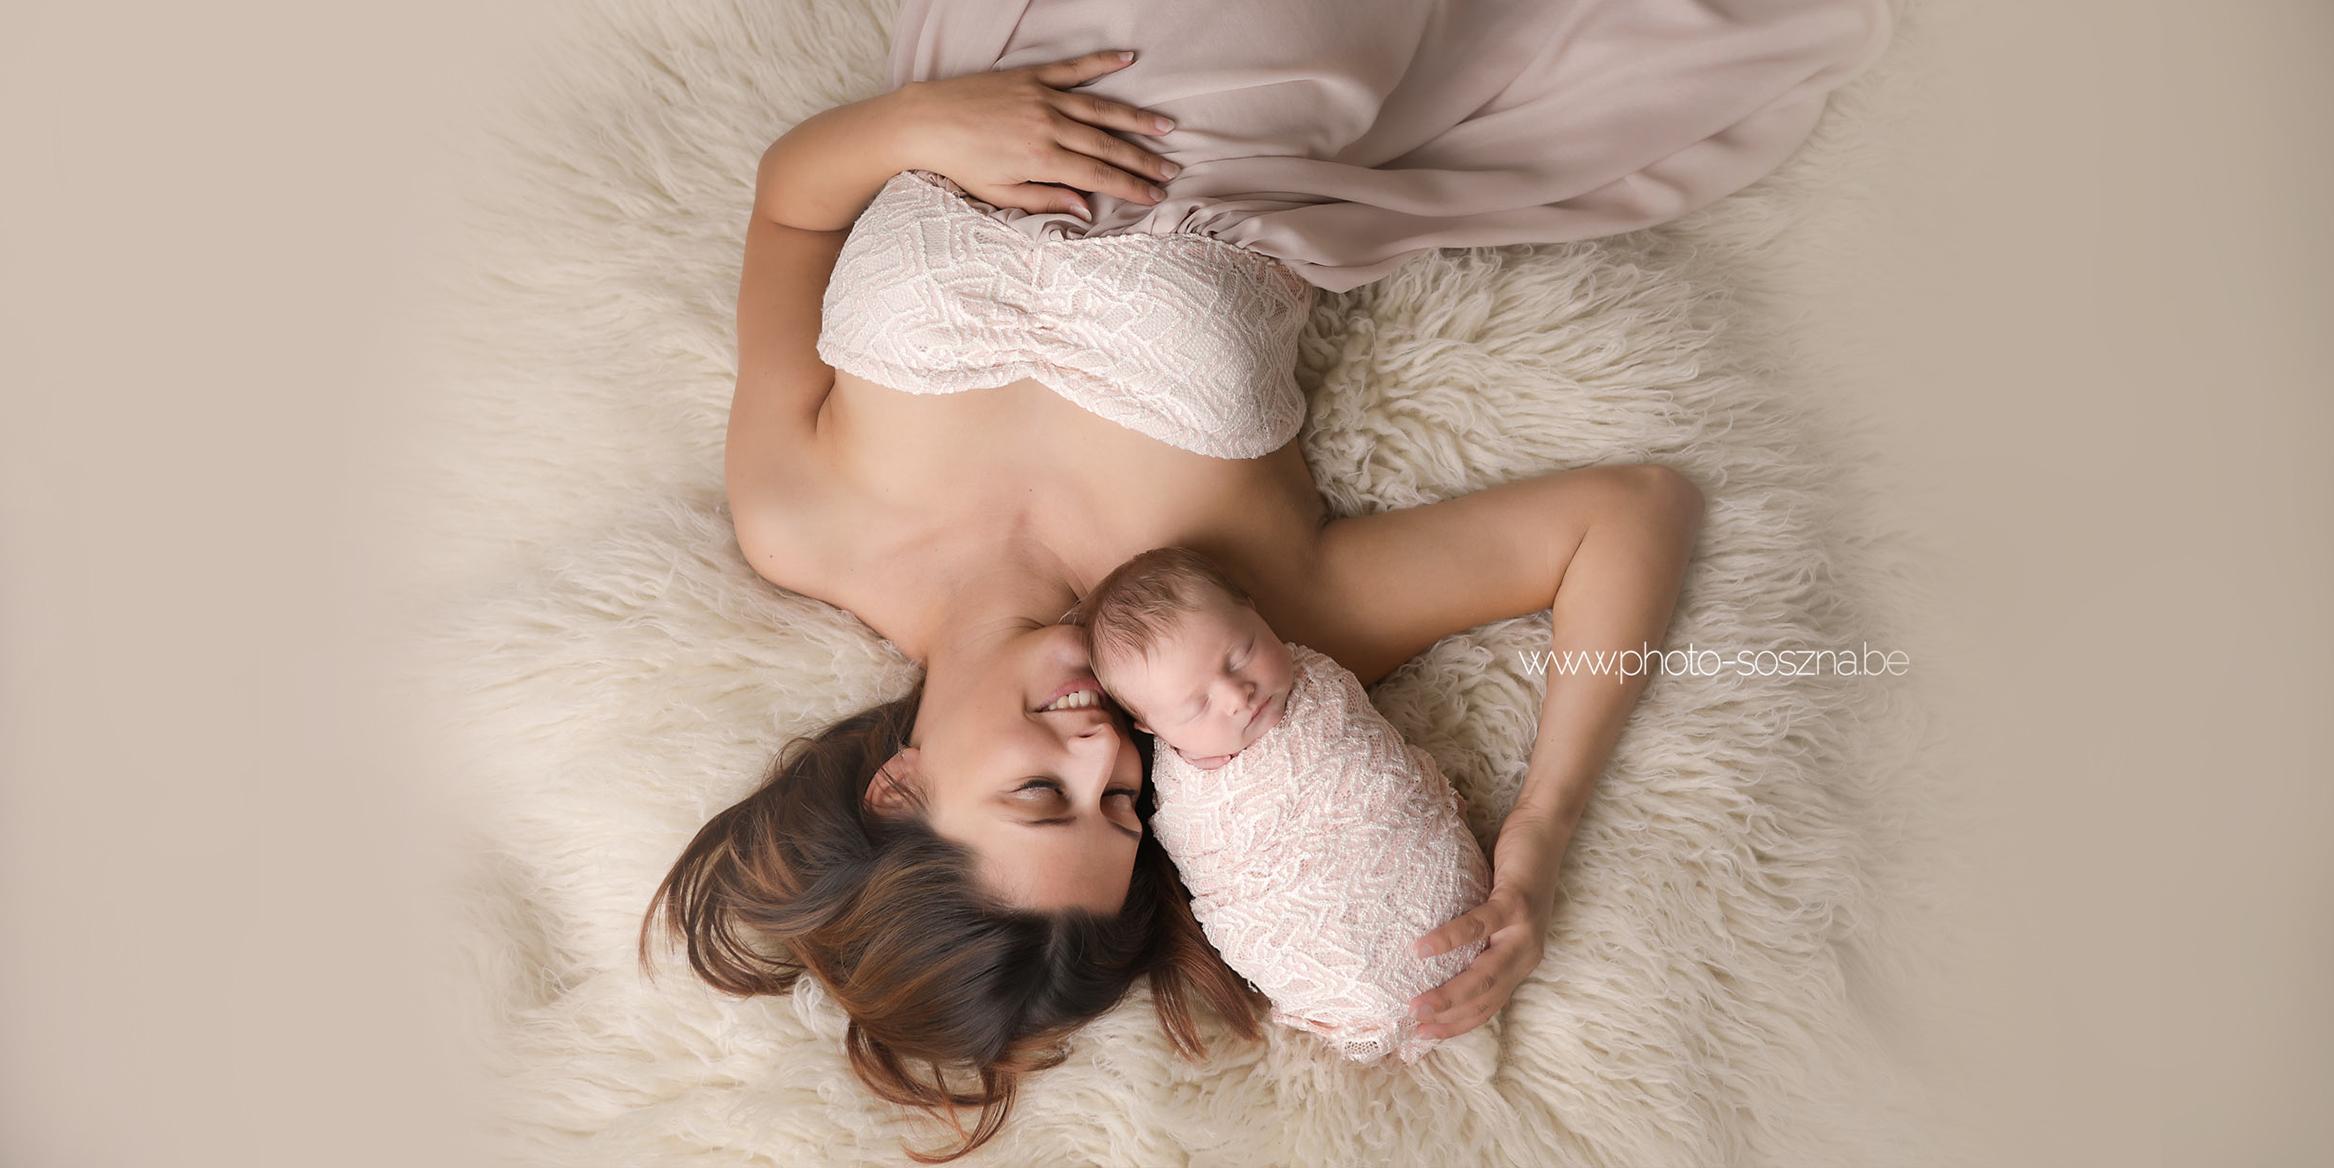 photographe maman bébé Belgique